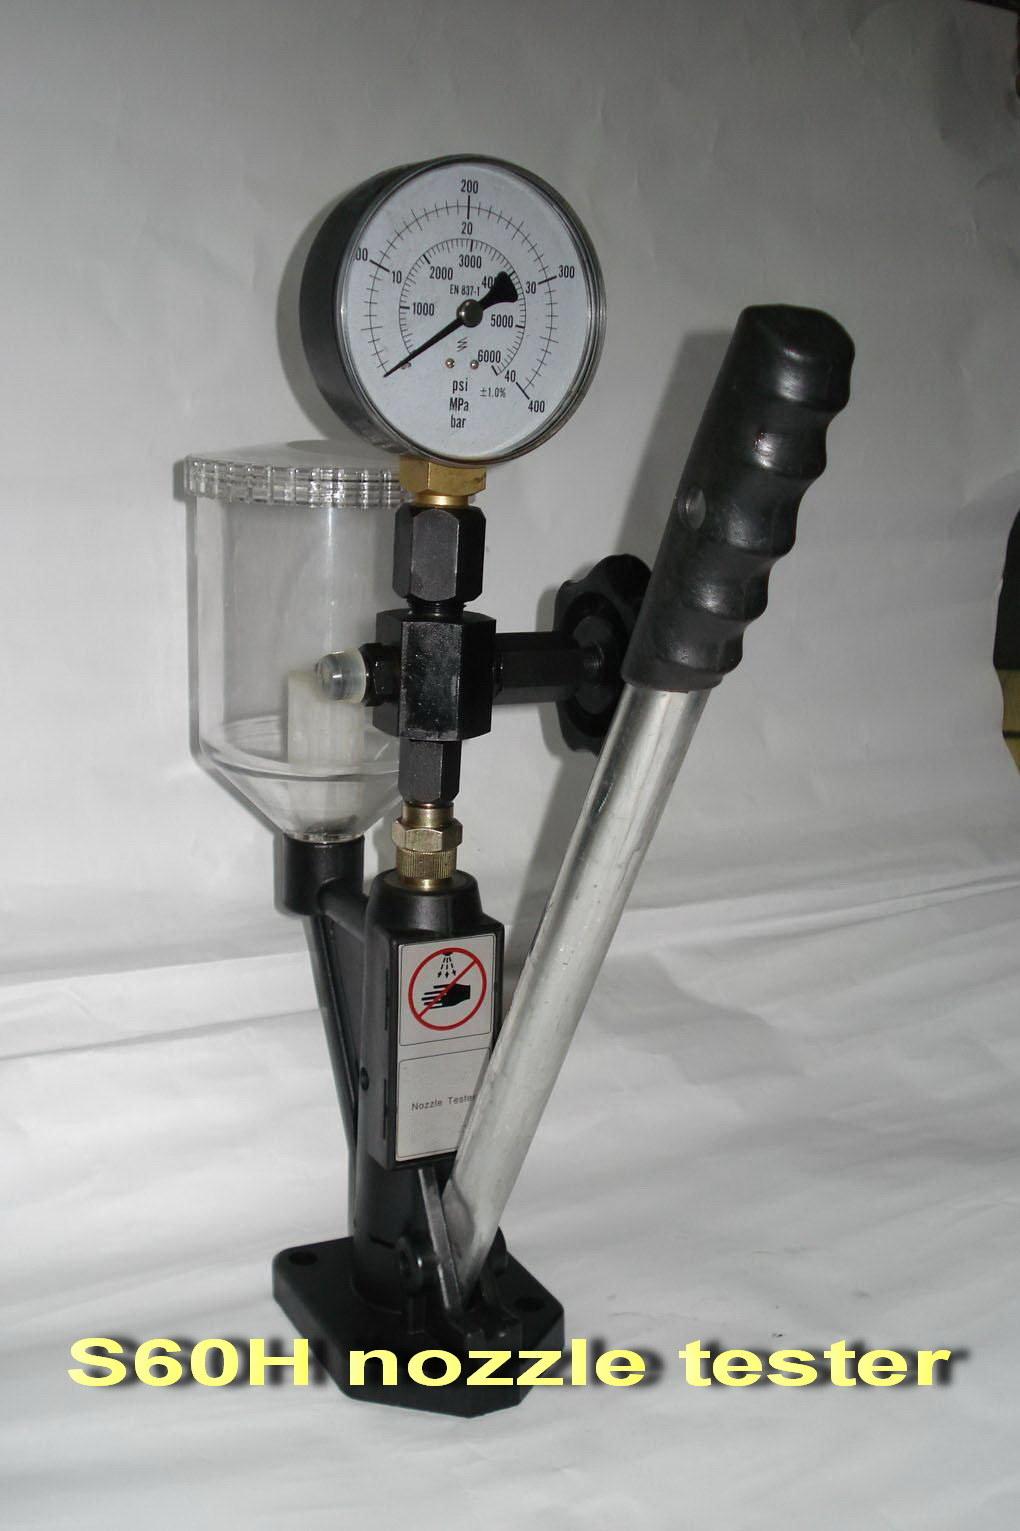 S60H Nozzle Tester